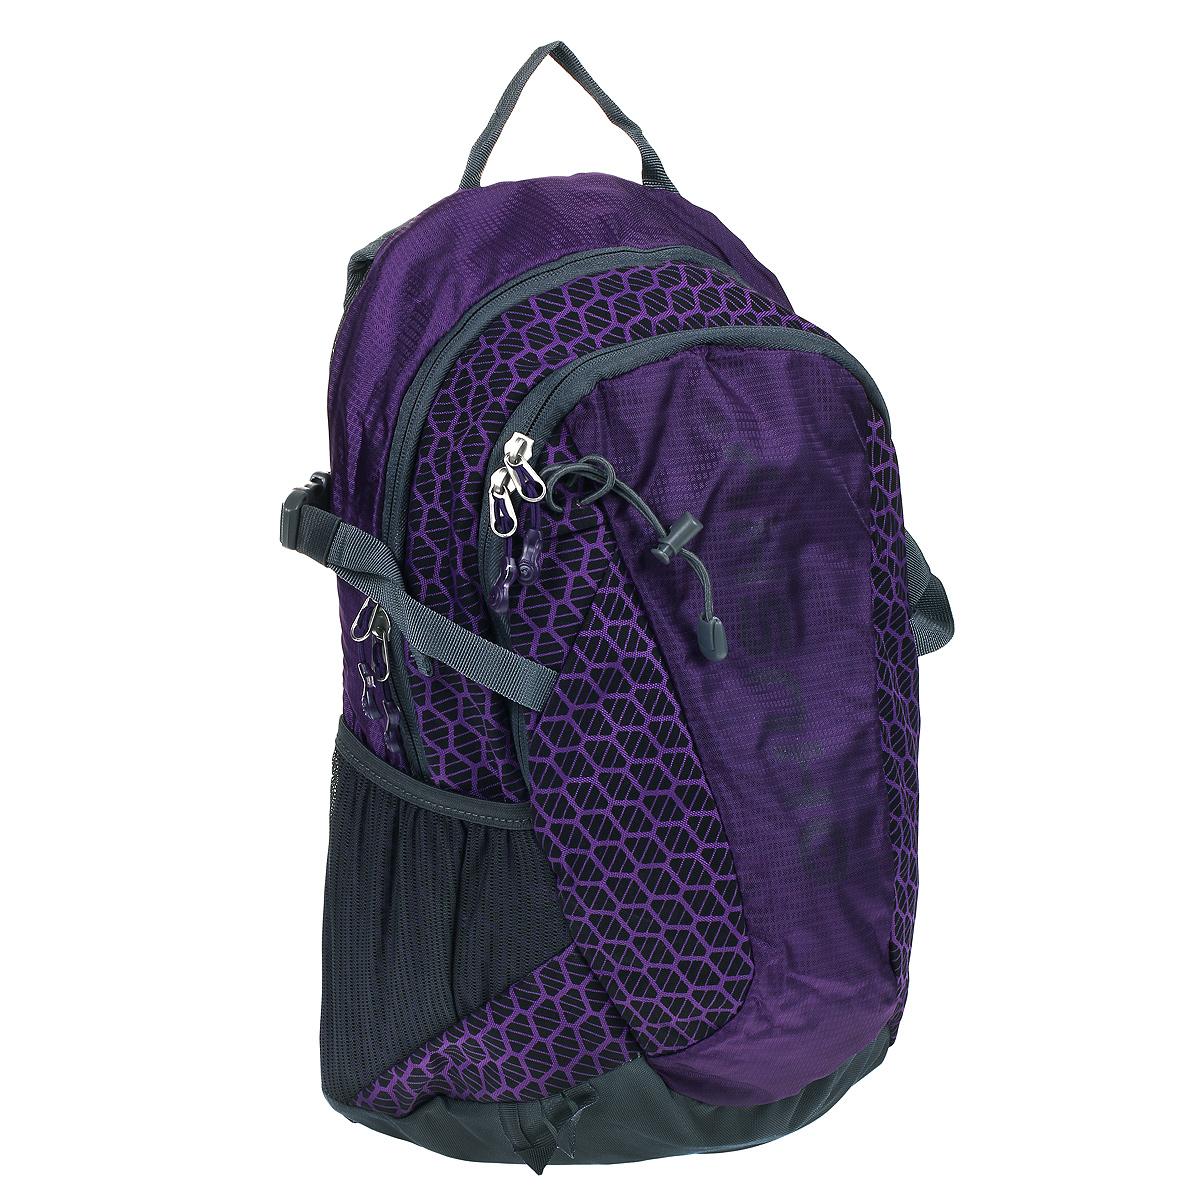 Рюкзак городской Husky Minel 22, цвет: фиолетовыйП7079Рюкзак городской Husky Minel 22 подойдет не только для повседневной жизни, но и для отдыха на природе, путешествий, тогда, когда нужно иметь с собой не только ноутбук, но и другие приложения, которые запросто поместятся в этом рюкзаке.Особенности: водонепроницаемая ткань, система вентиляции спины AMS,отделение для ноутбука, внутренний органайзер,боковые карманы-сетки,светоотражающие элементы.